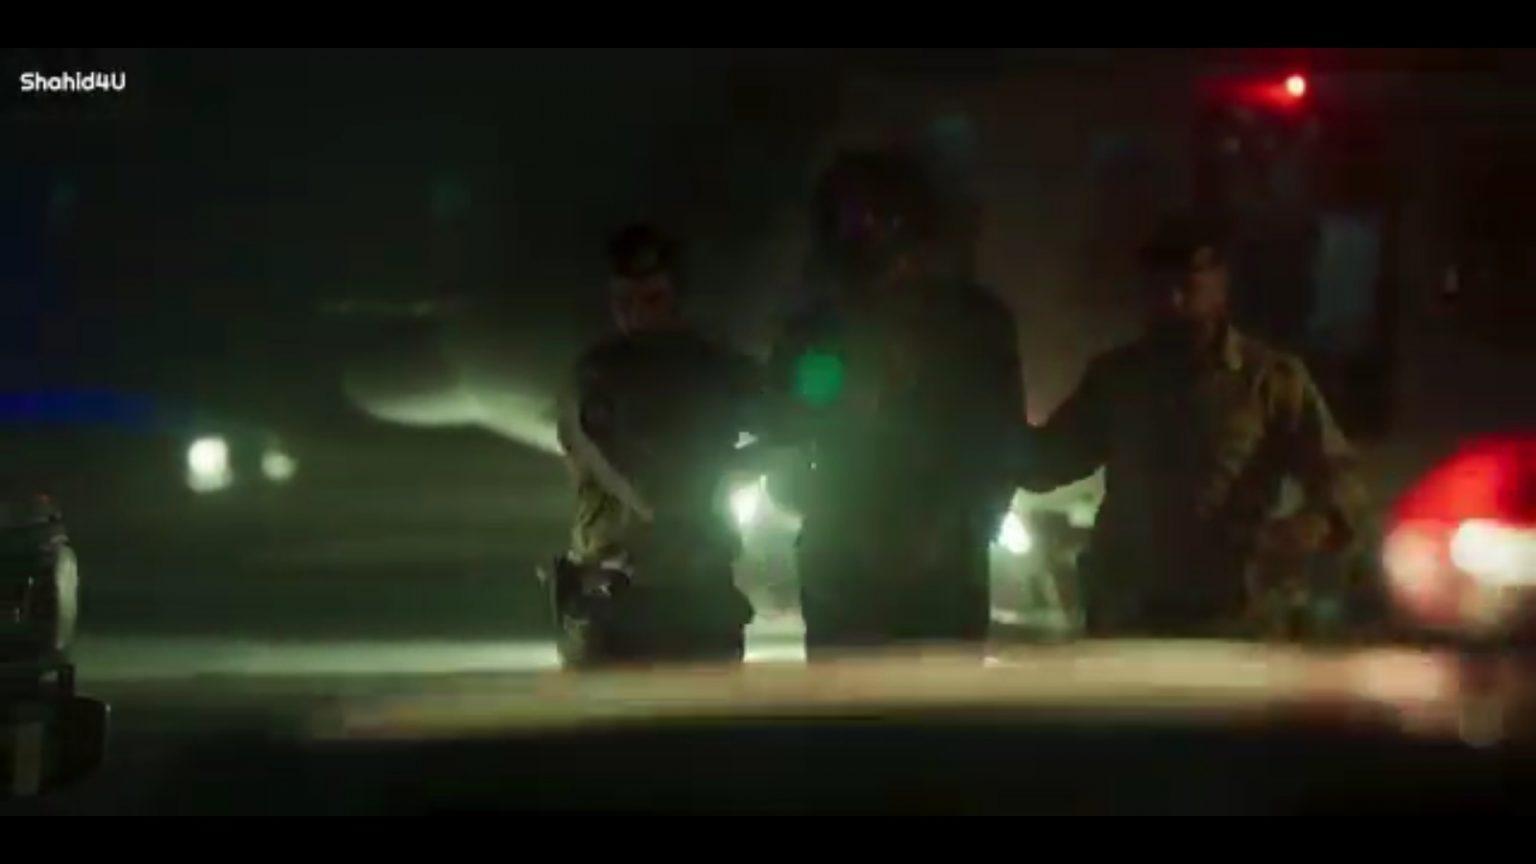 20 2 1536x864 1 - شاهد لقطات مثيرة من حلقة رشاش الأخيرة ولحظة تنفيذ حد الحرابة بضرب عنقه بالسيف